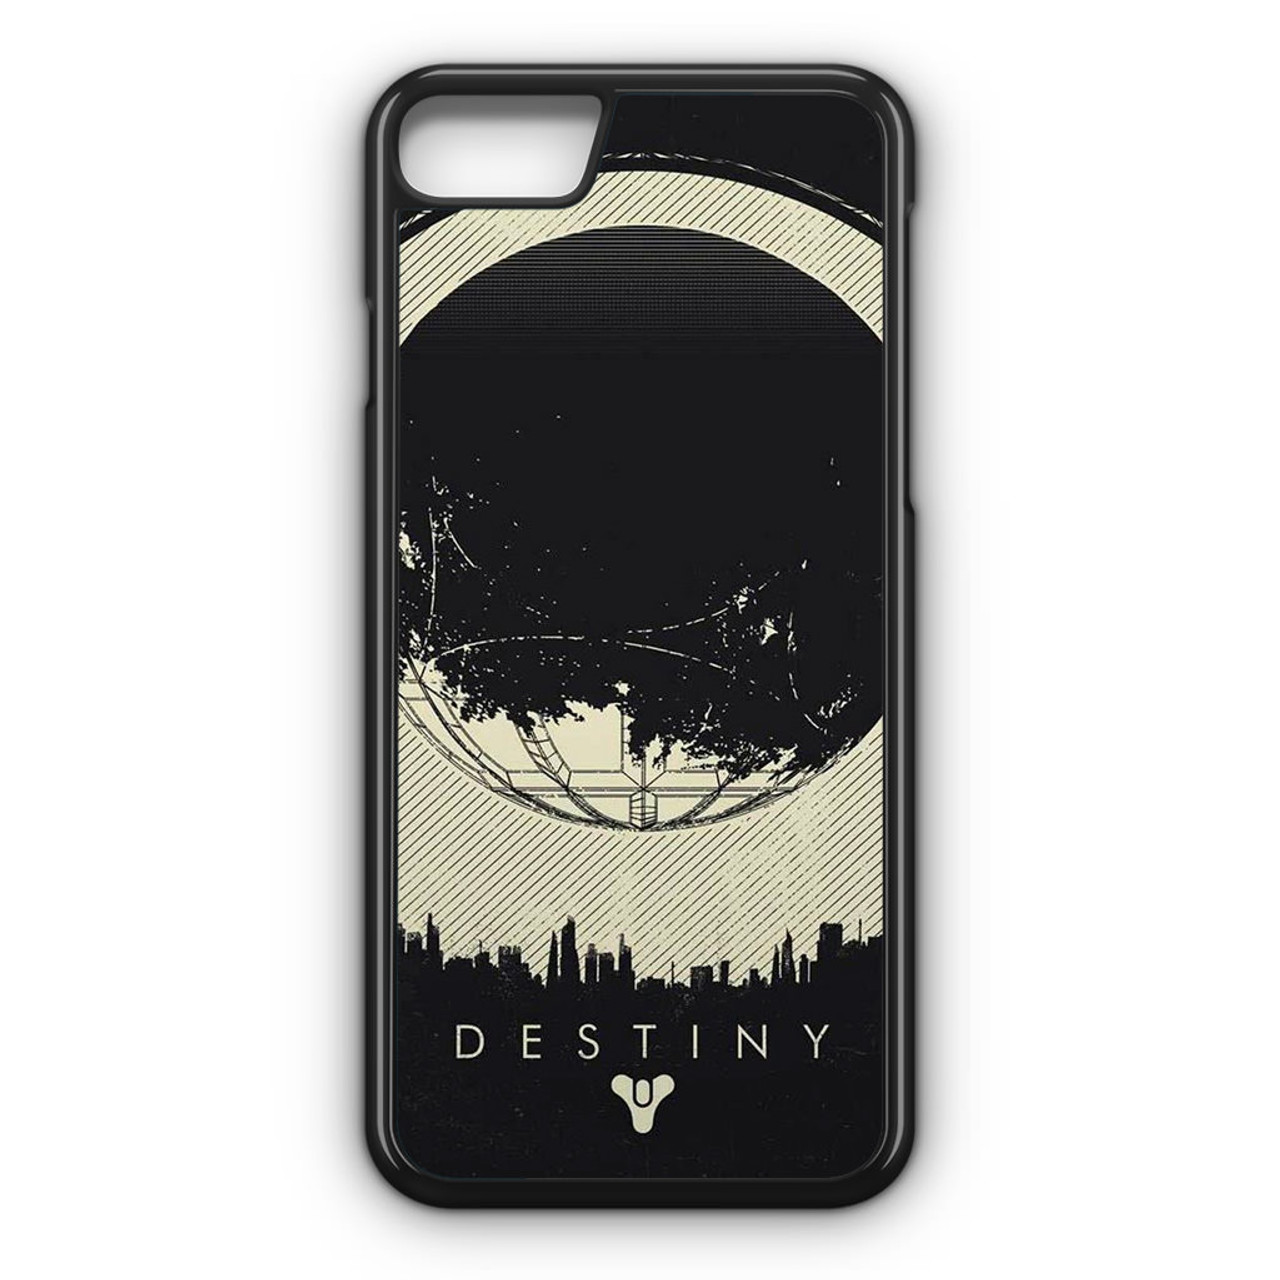 destiny iphone 8 case